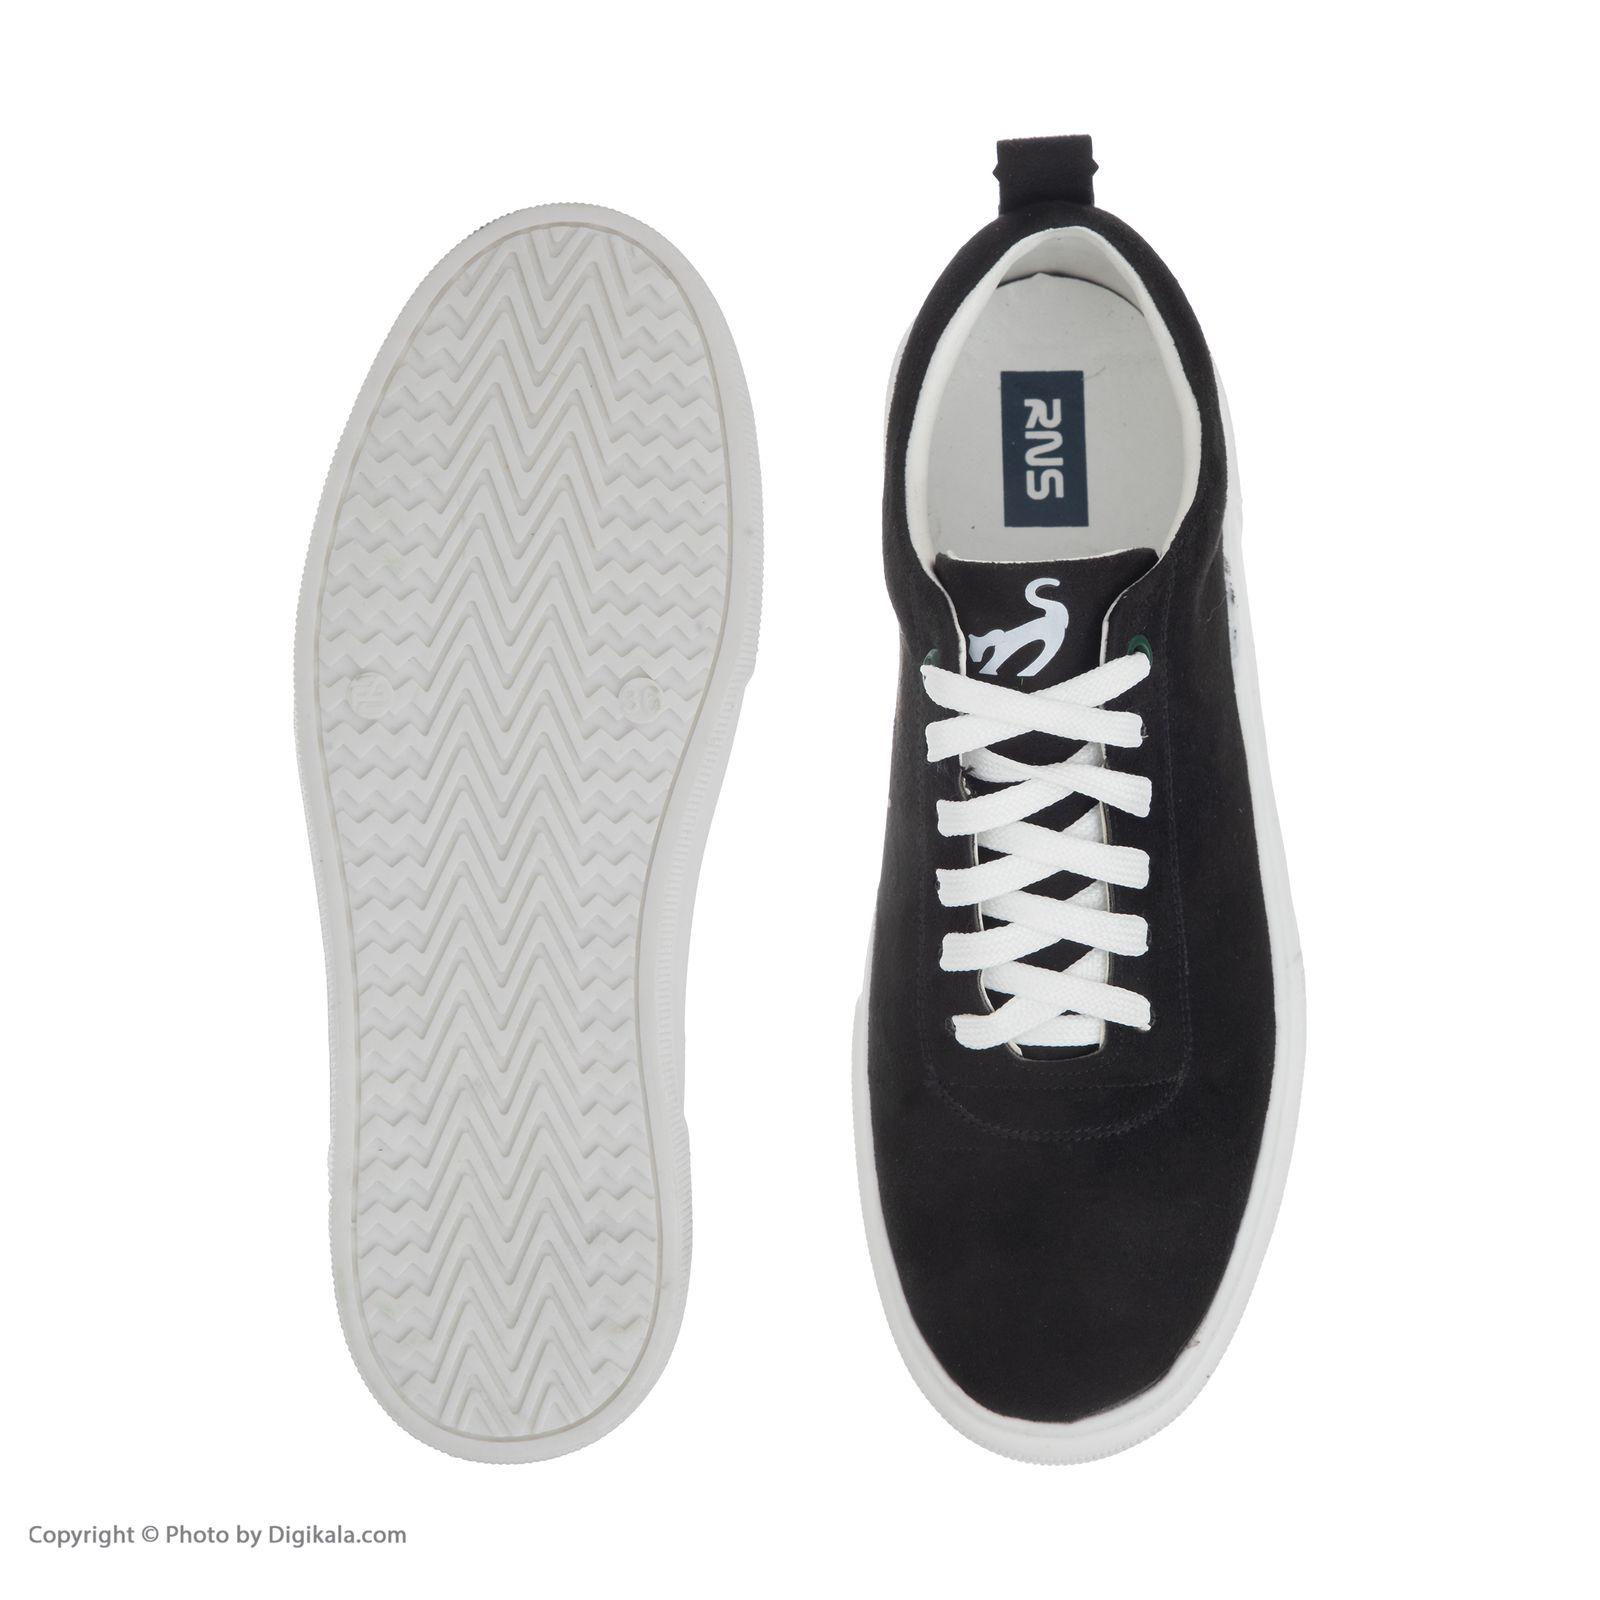 کفش راحتی زنانه آر اِن اِس مدل 113002-99 -  - 8